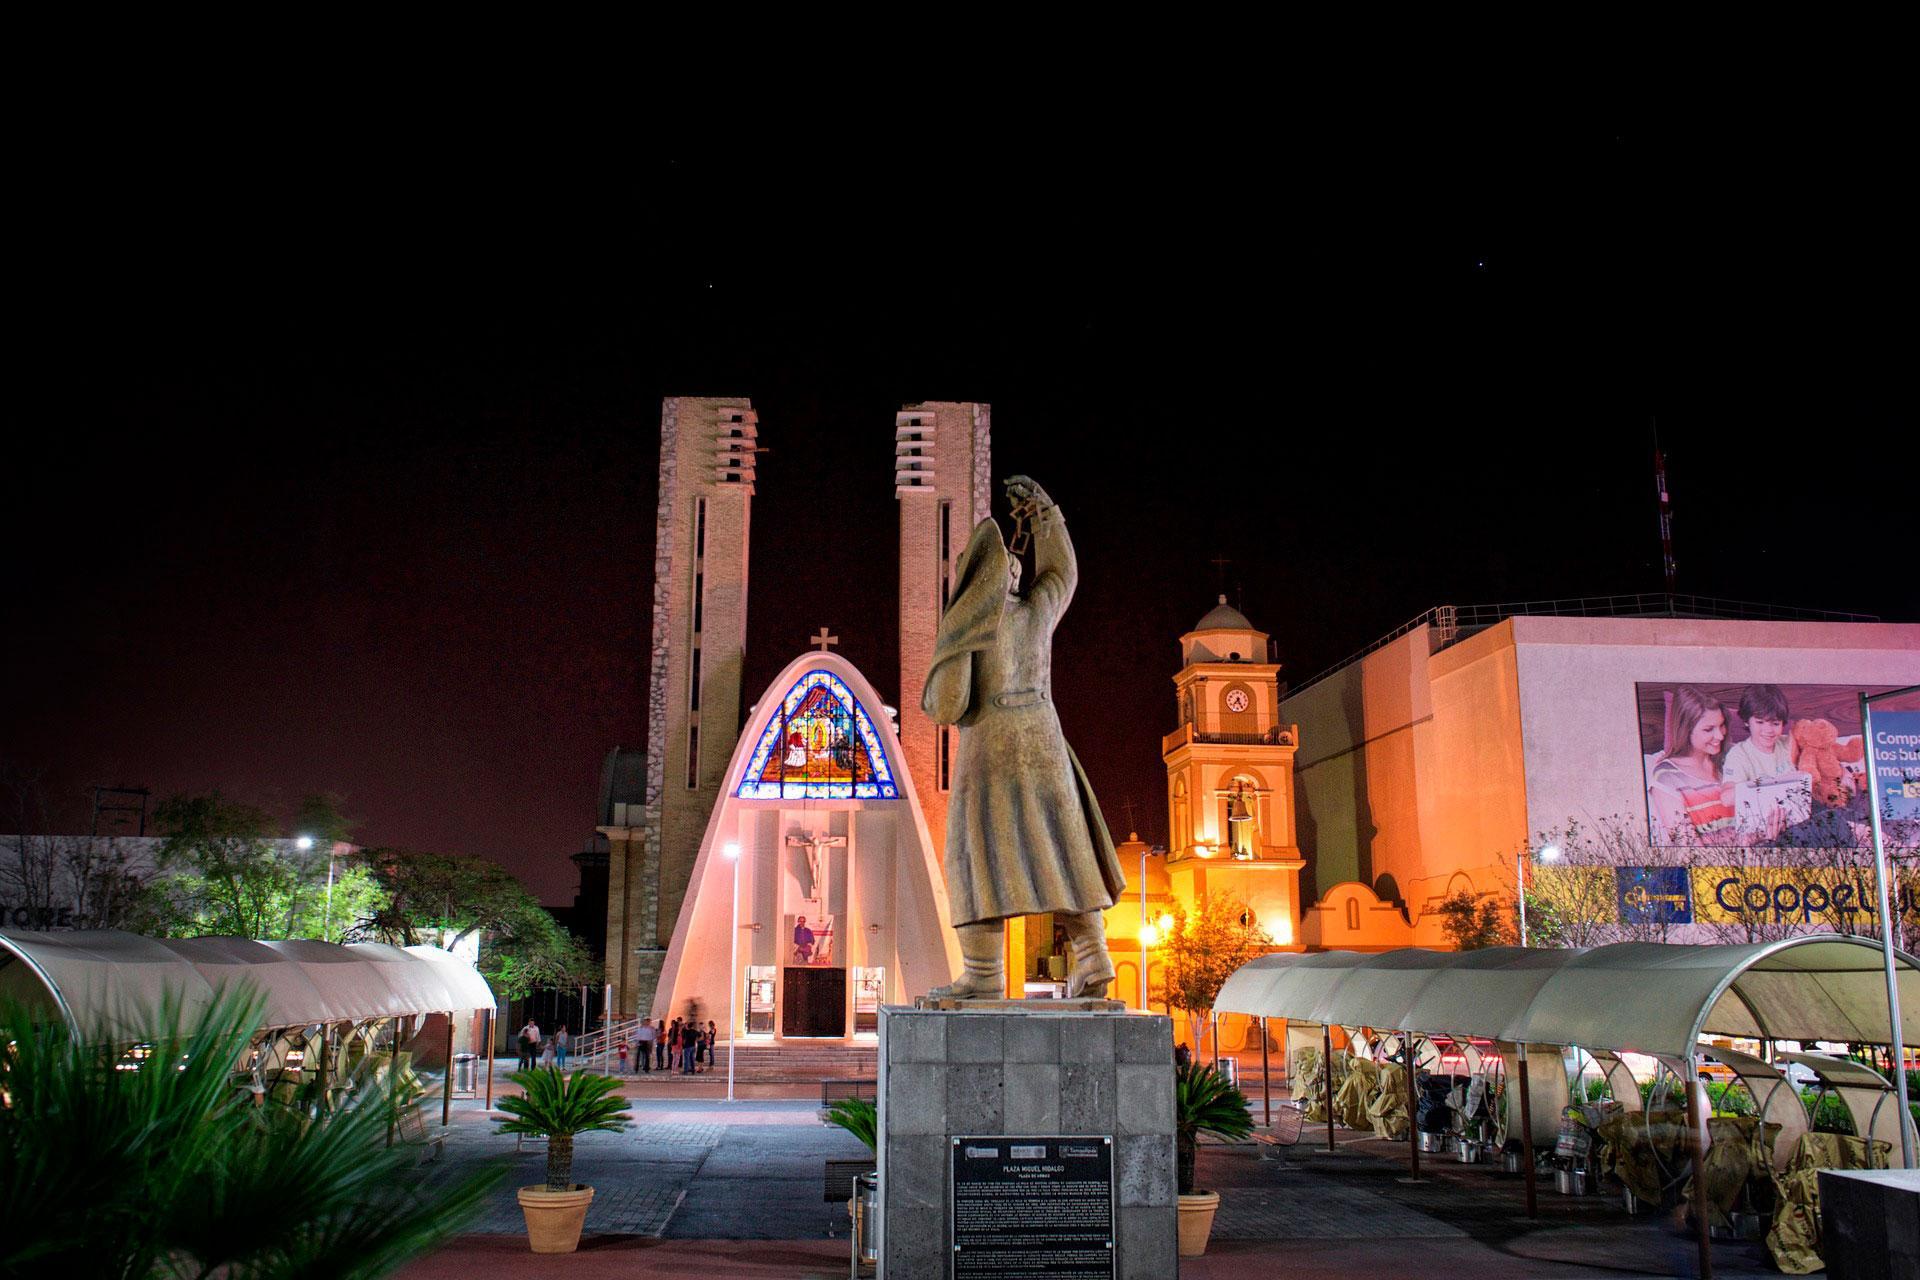 Parroquia de Nuestra Señora Guadalupe